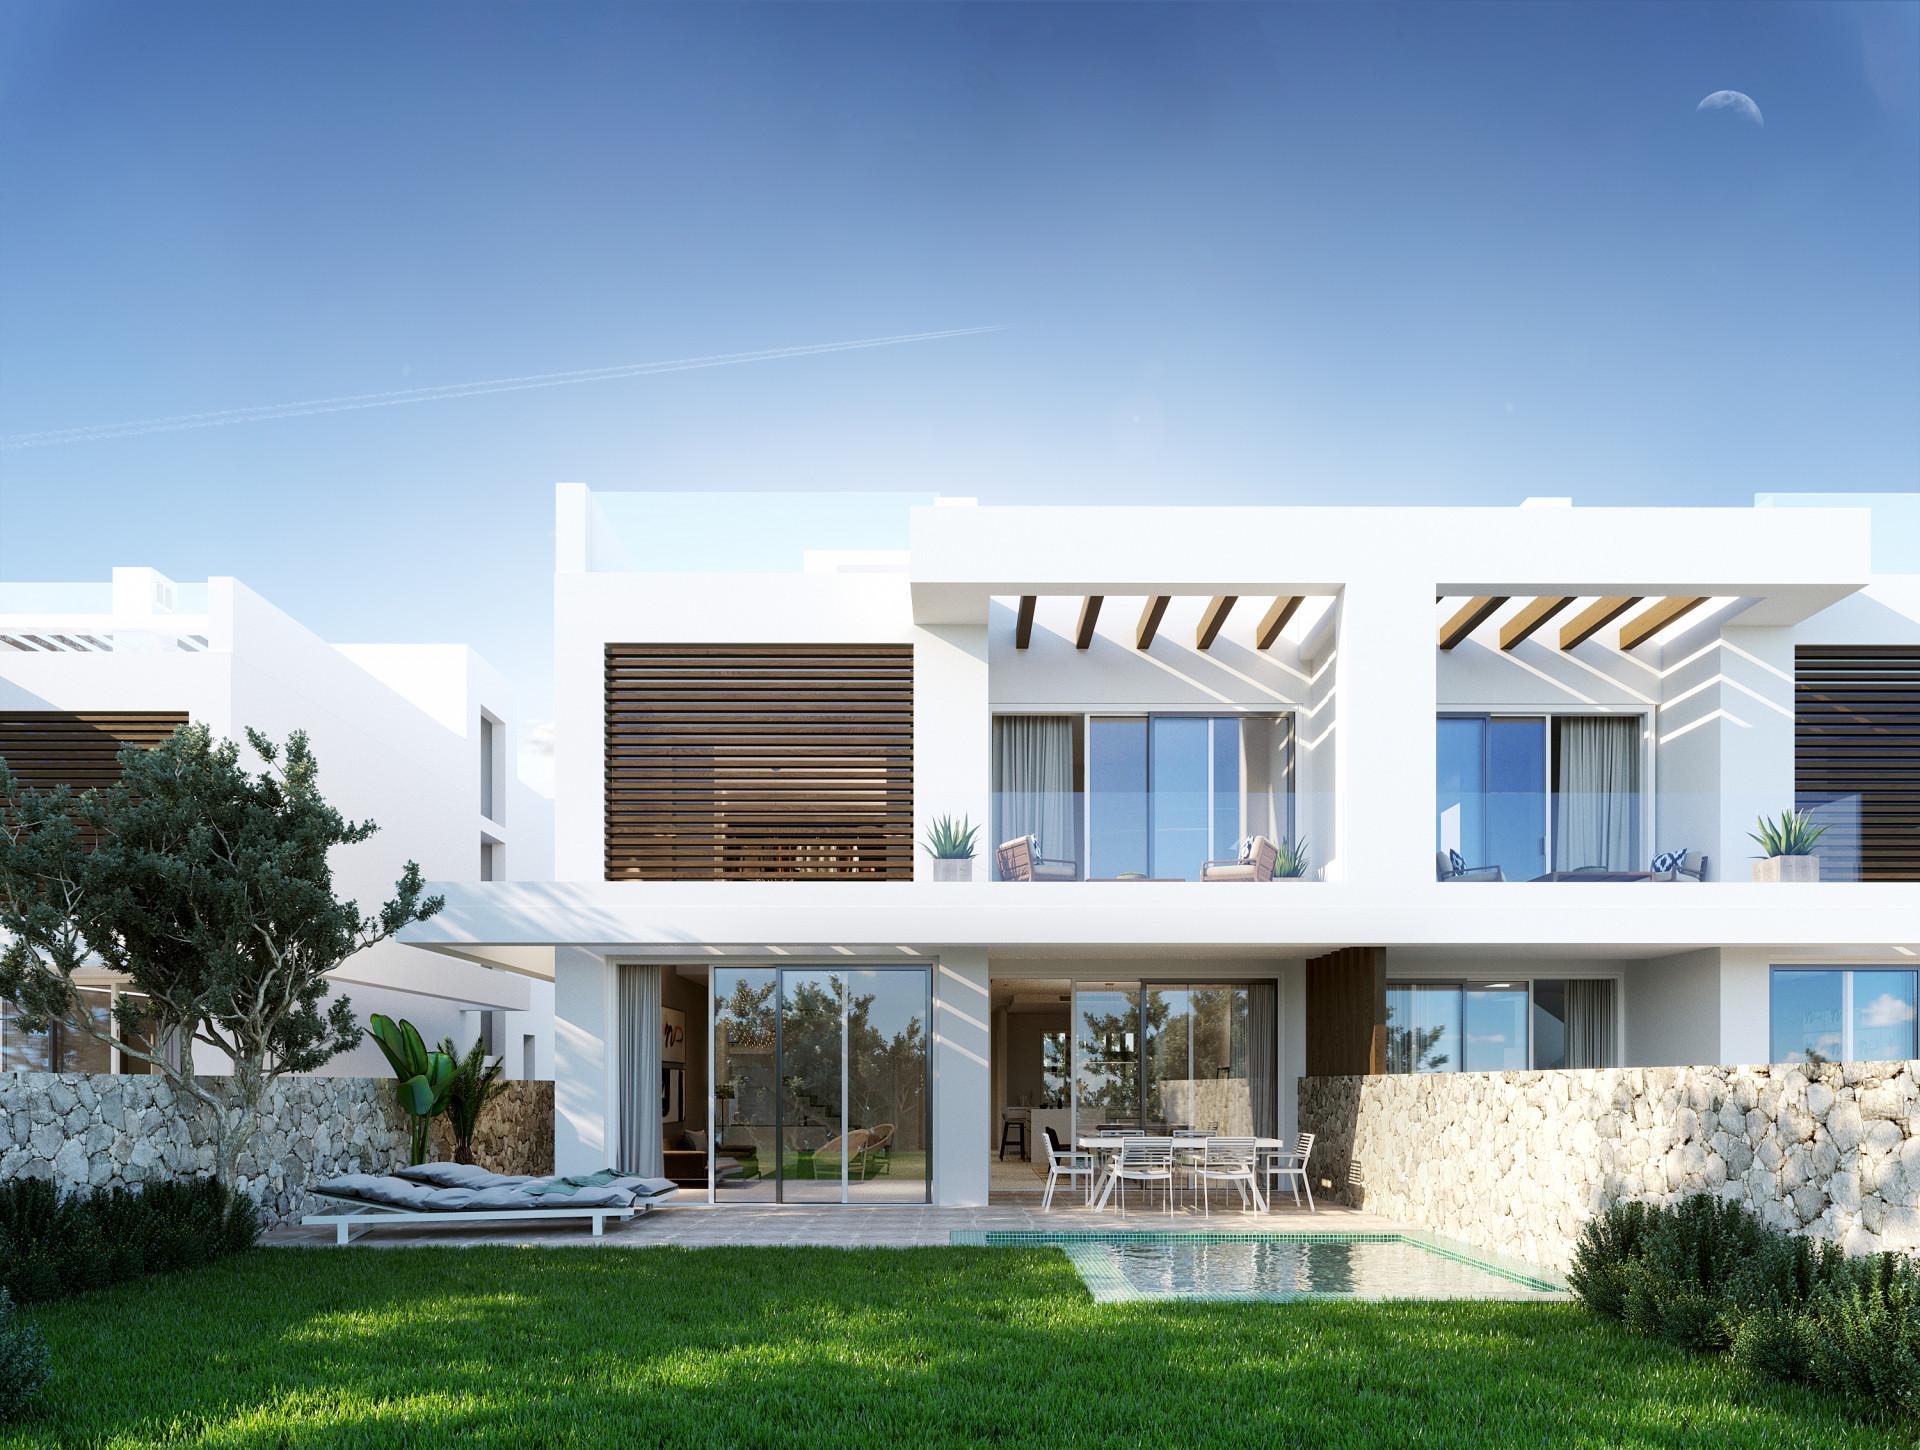 ARFV1959 - Projekt für 6 Doppelhaushälften zum Verkauf in Artola, Cabopino mit Sicht auf das Meer